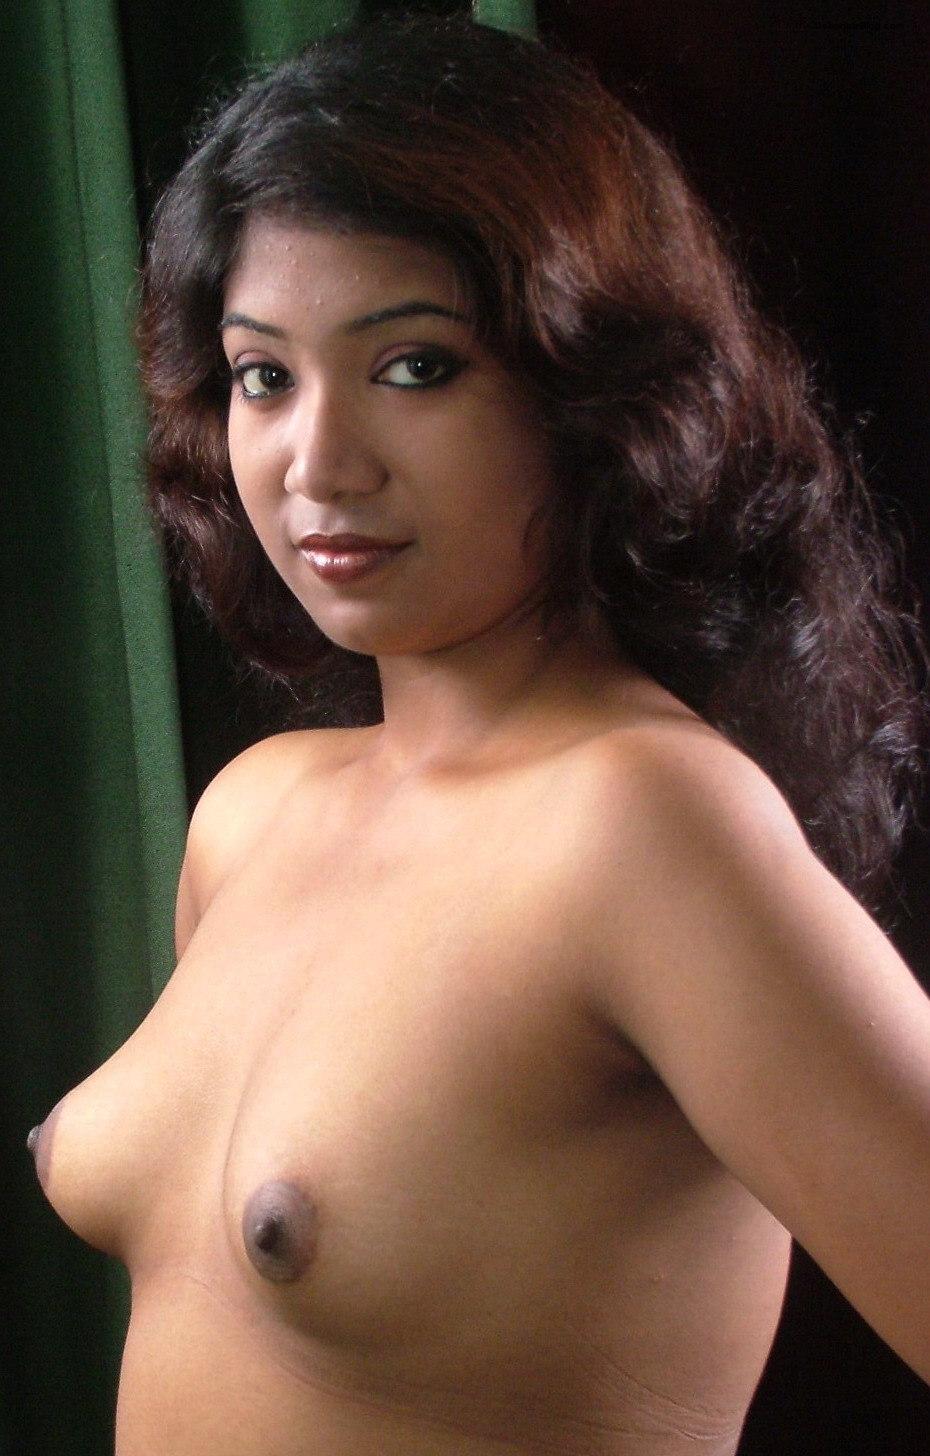 Real Amatureshemale Girlfreind Pics - Datawav-3639